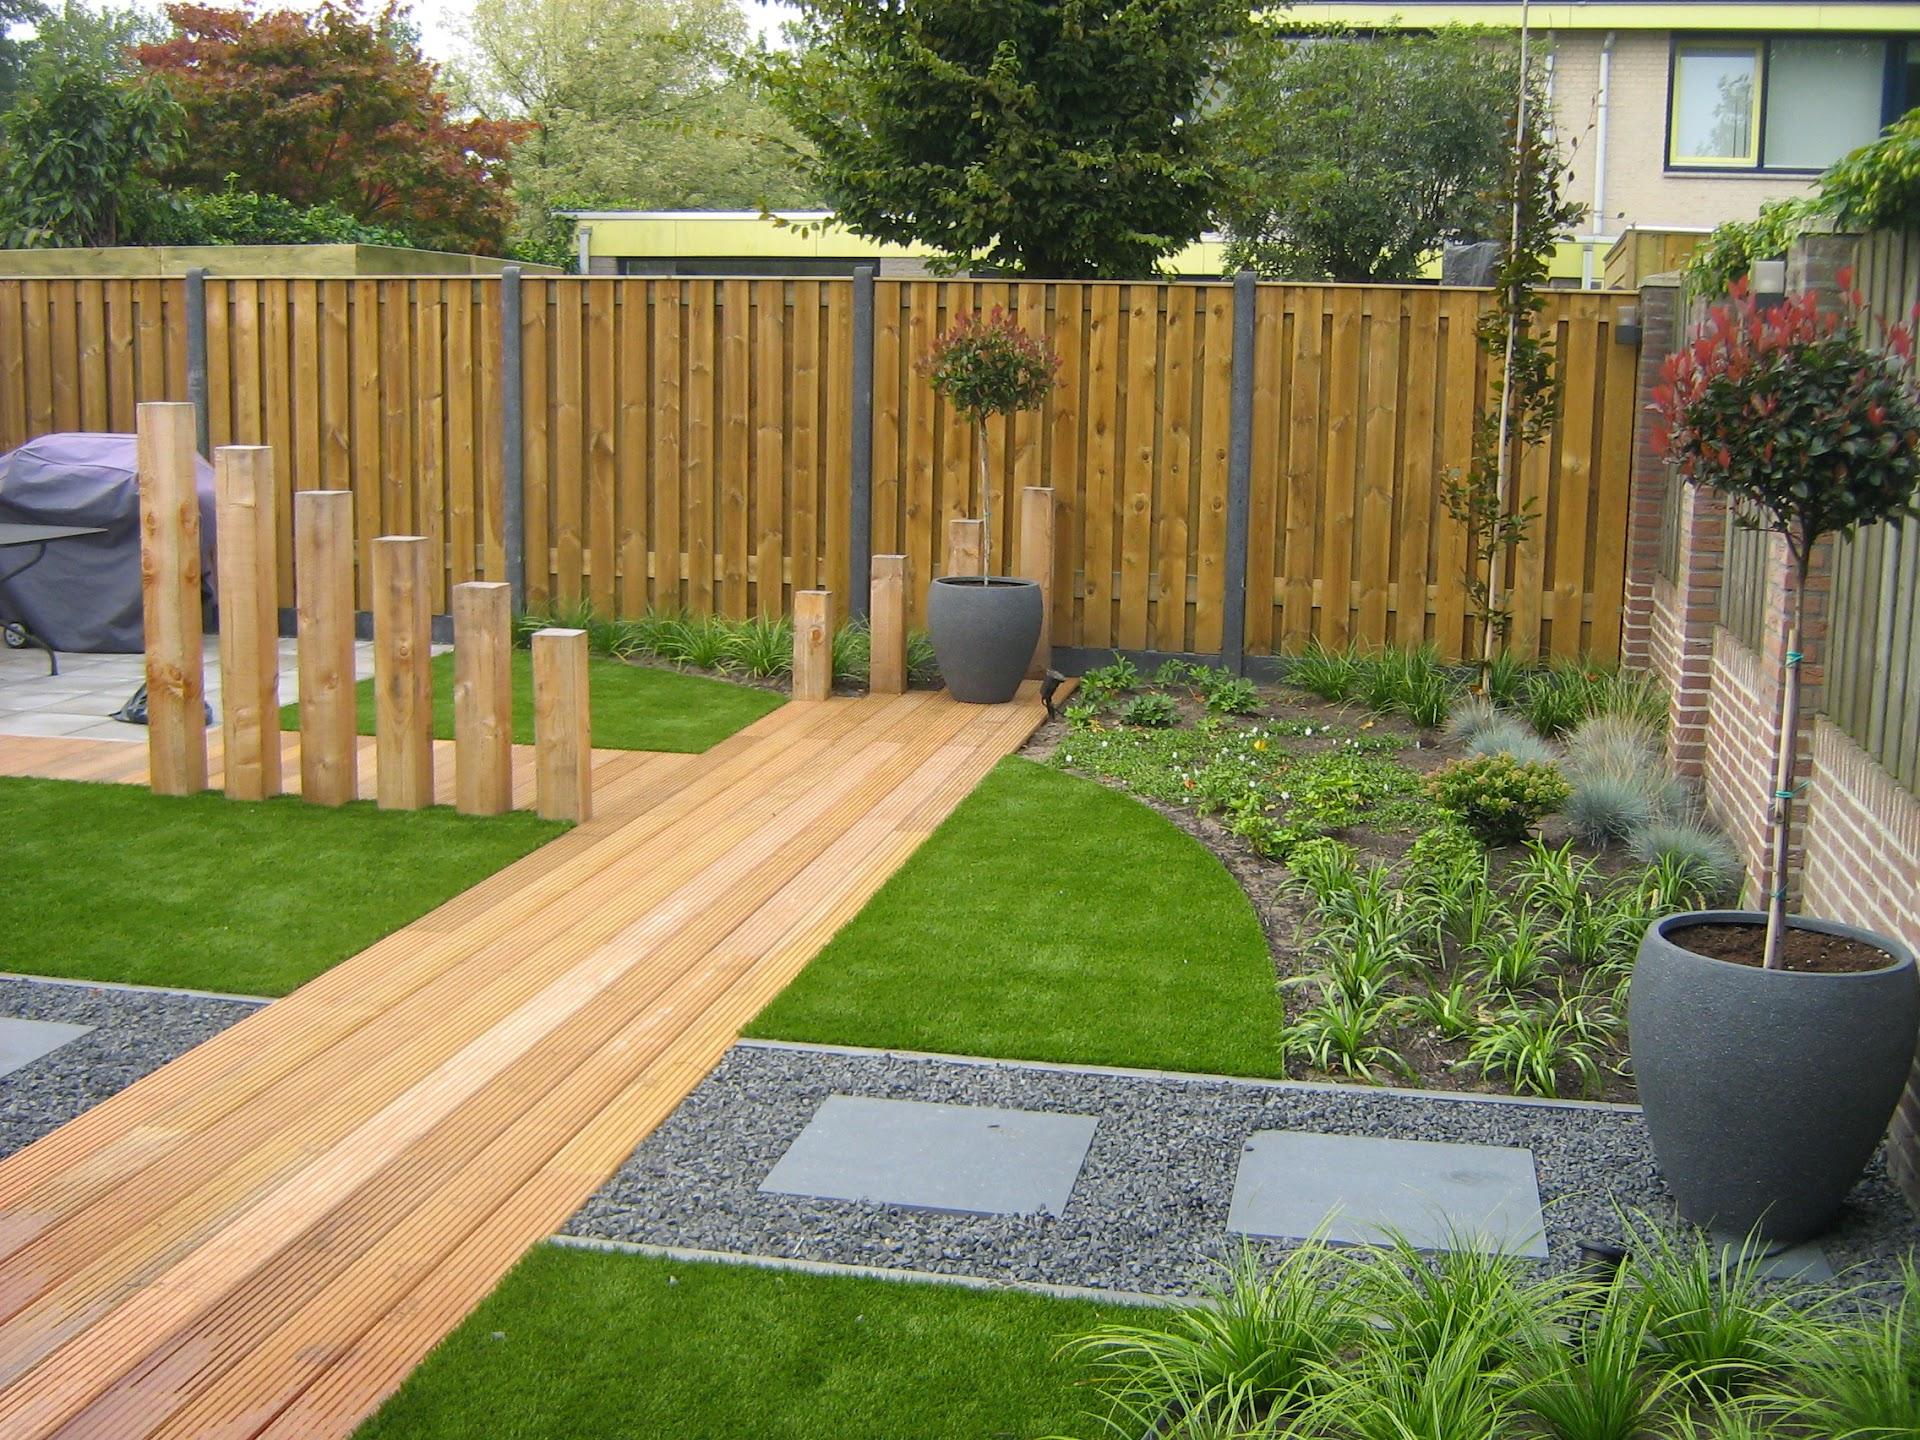 Houten Tuin Vlonders : Stoere achtertuin met royal grass douglashout en een hard houten